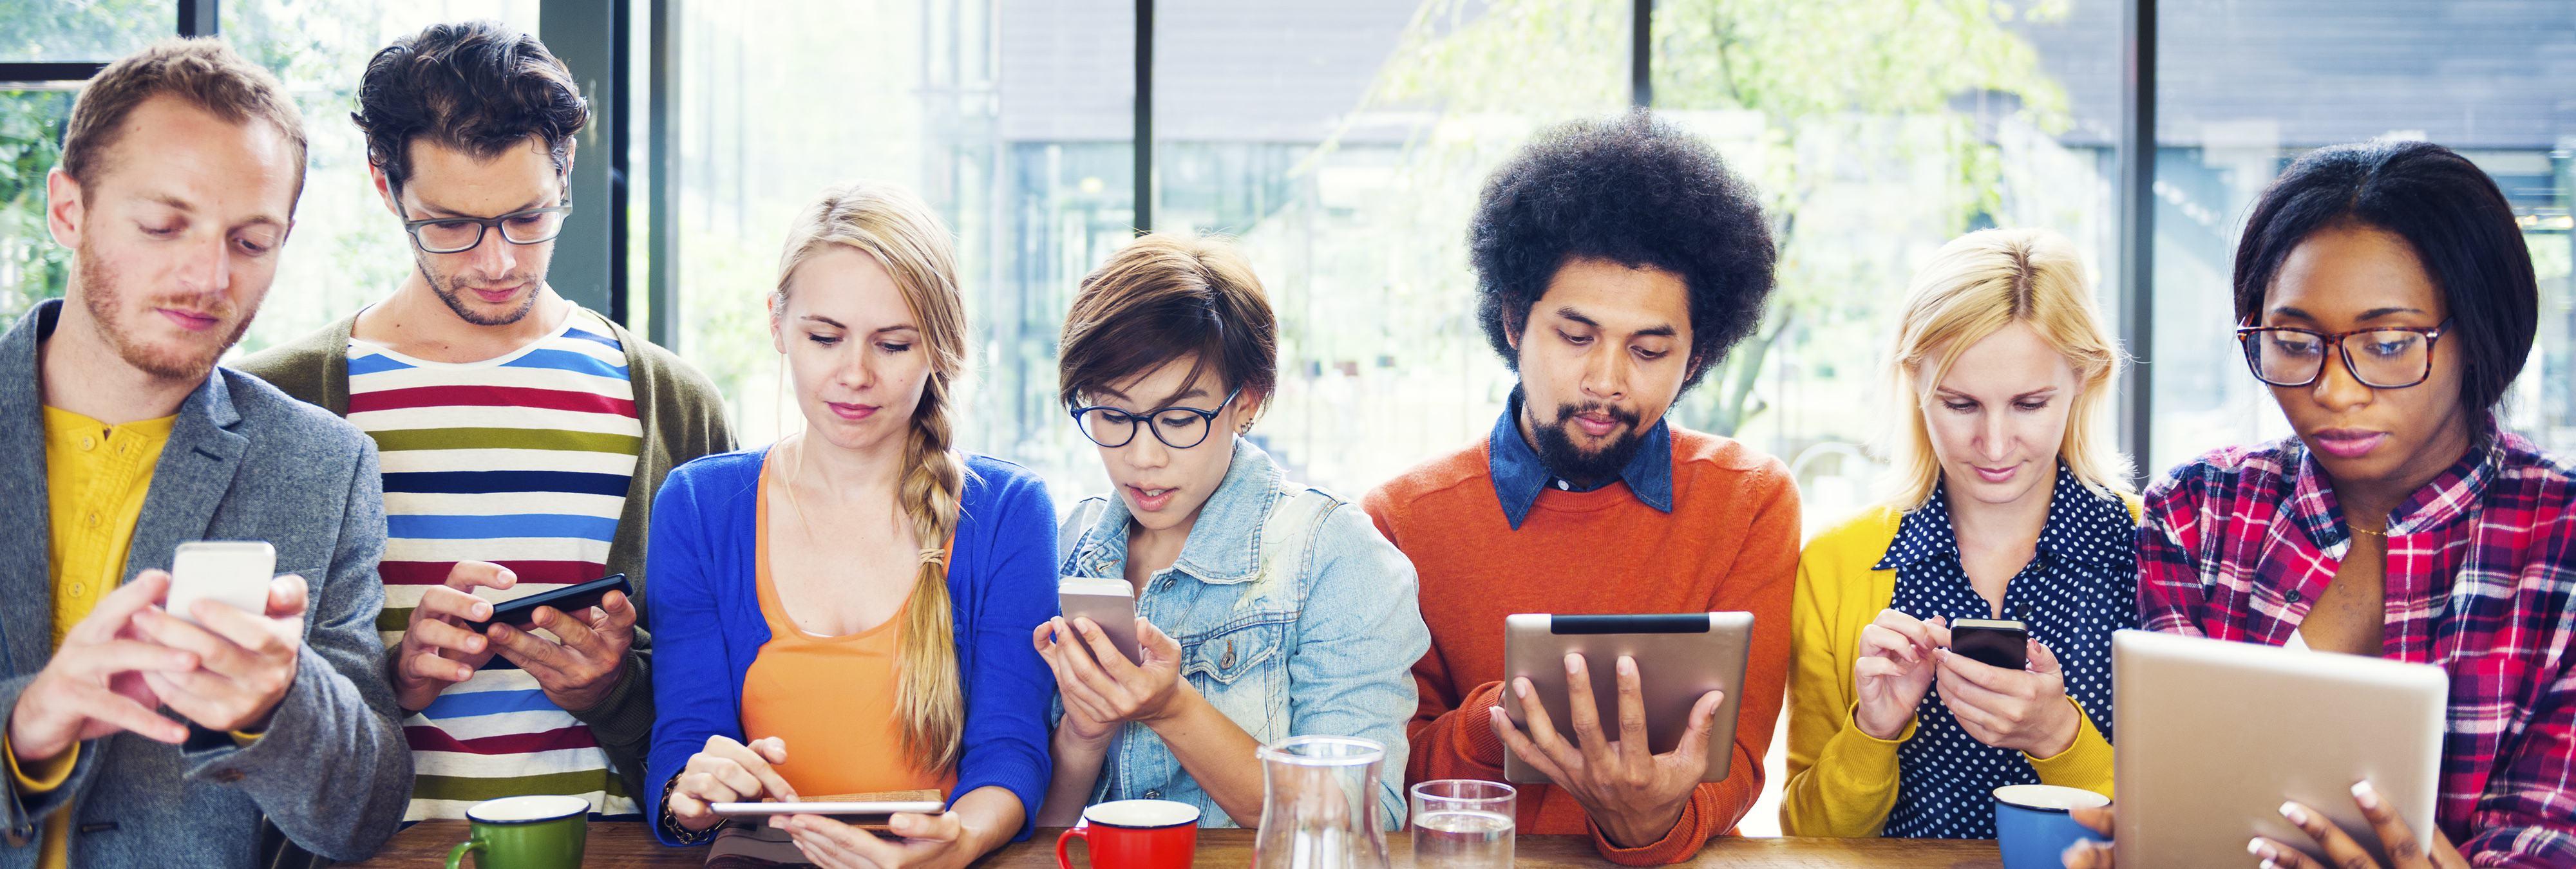 La tecnología no tiene la culpa de que tus amigos sean lerdos